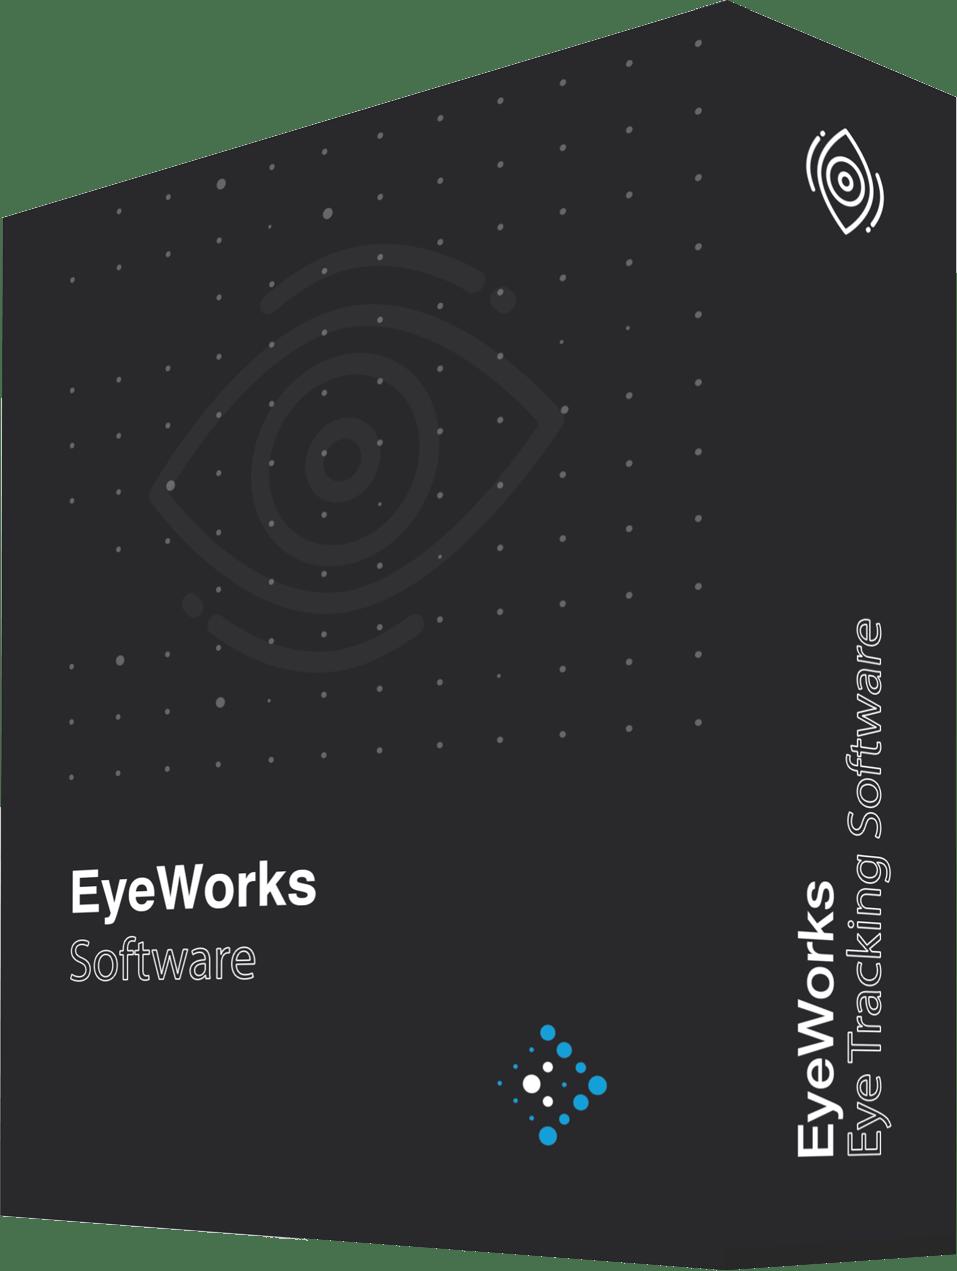 EyeWorks Software